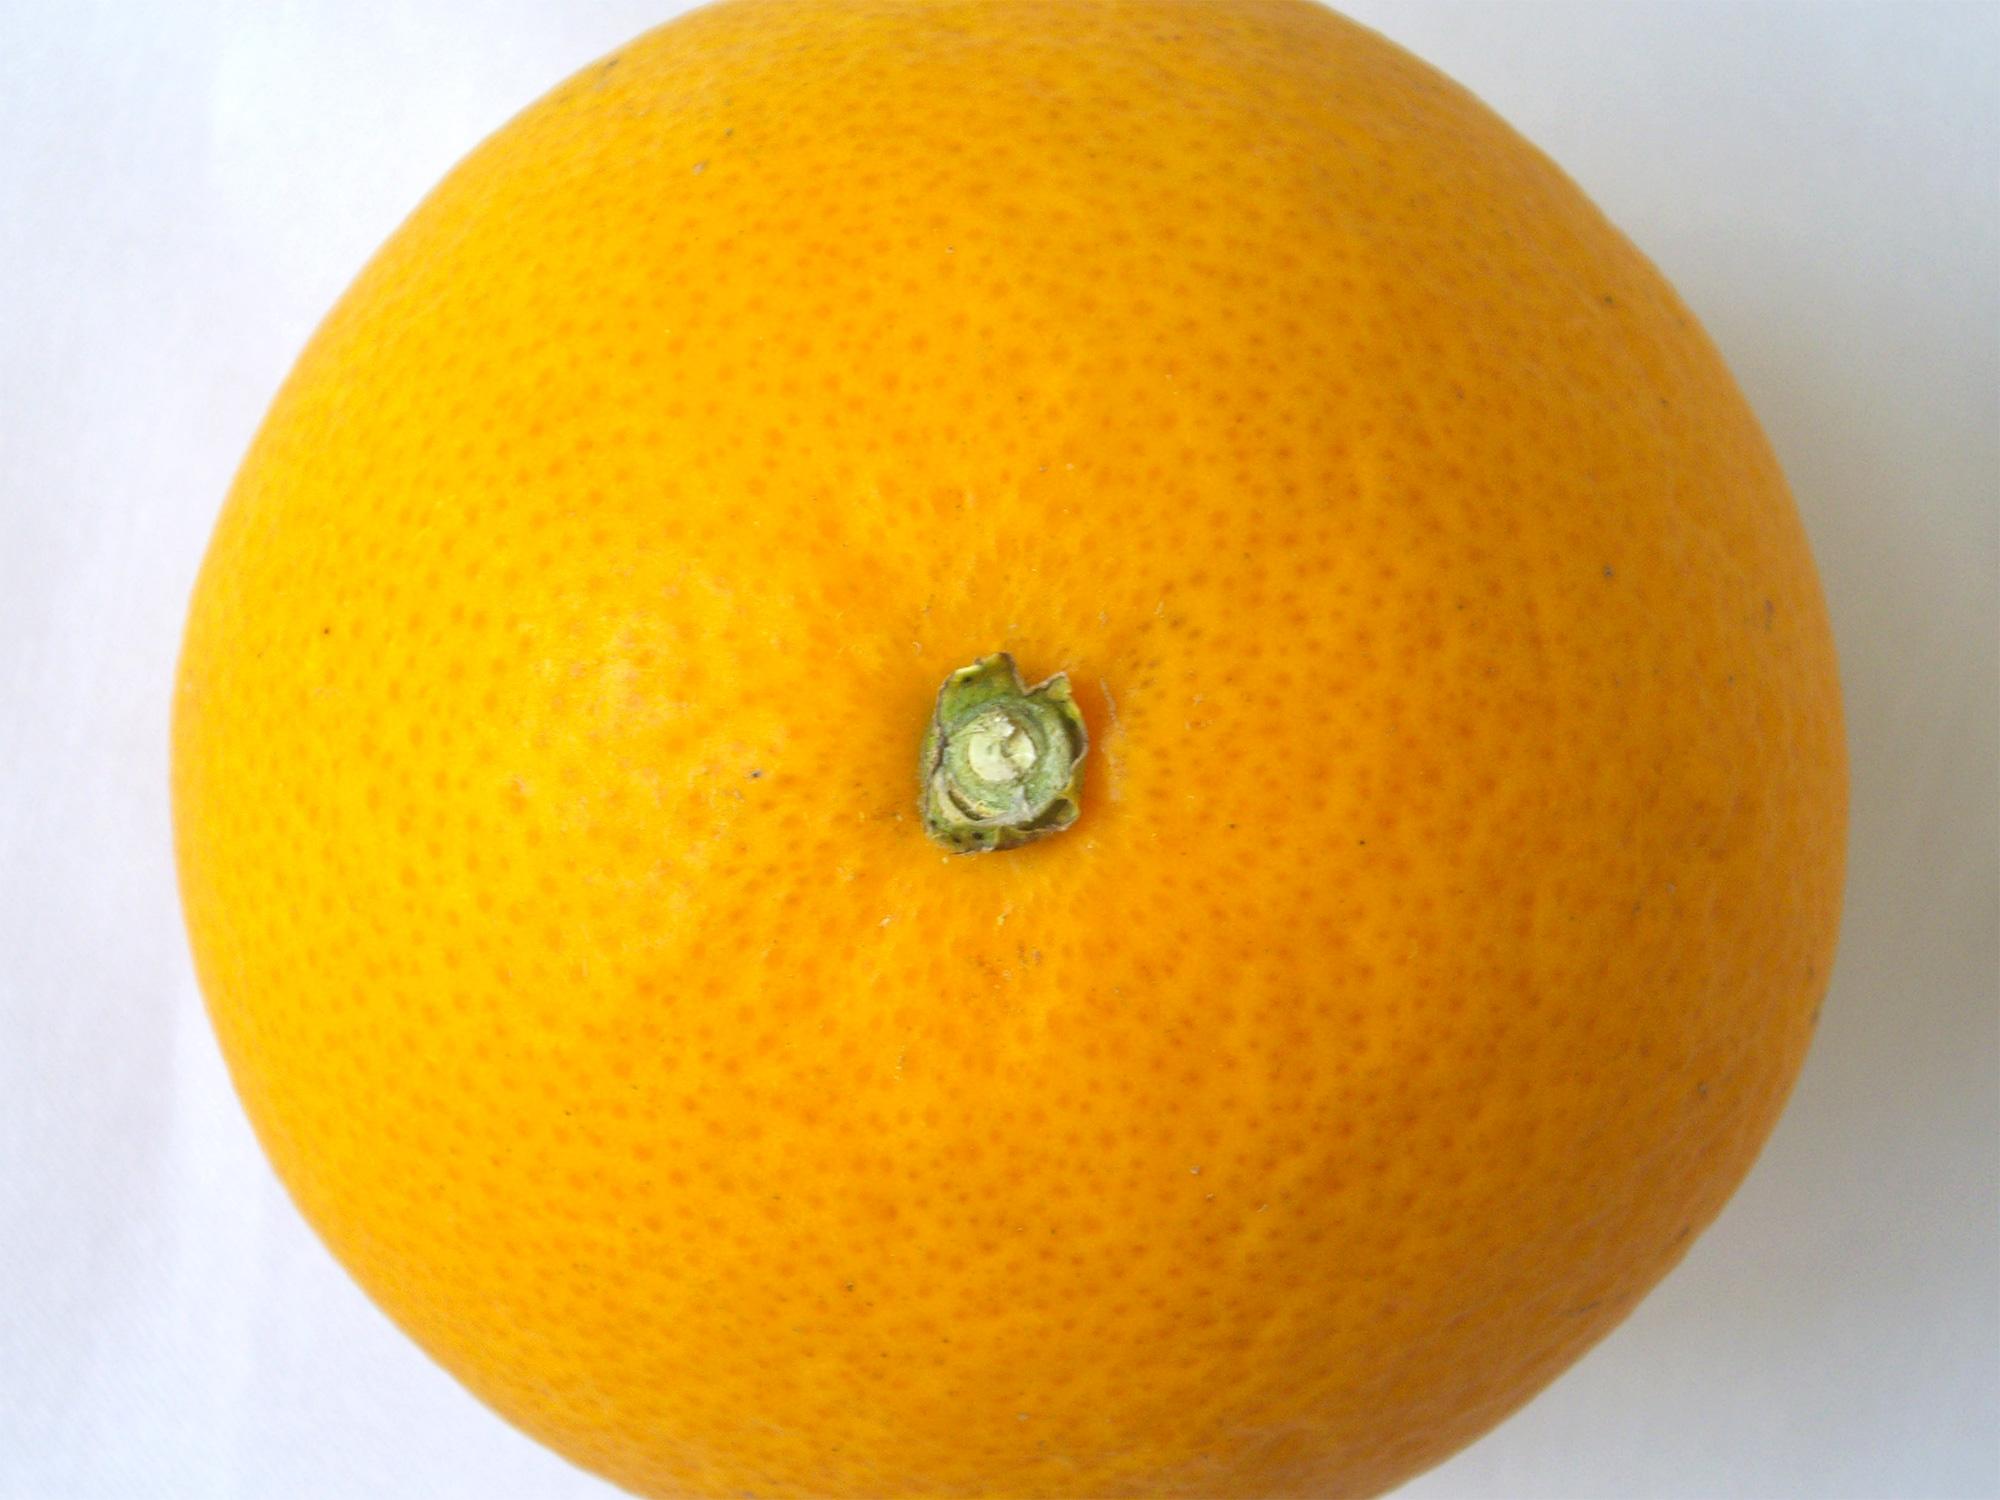 オレンジの写真のフリー素材